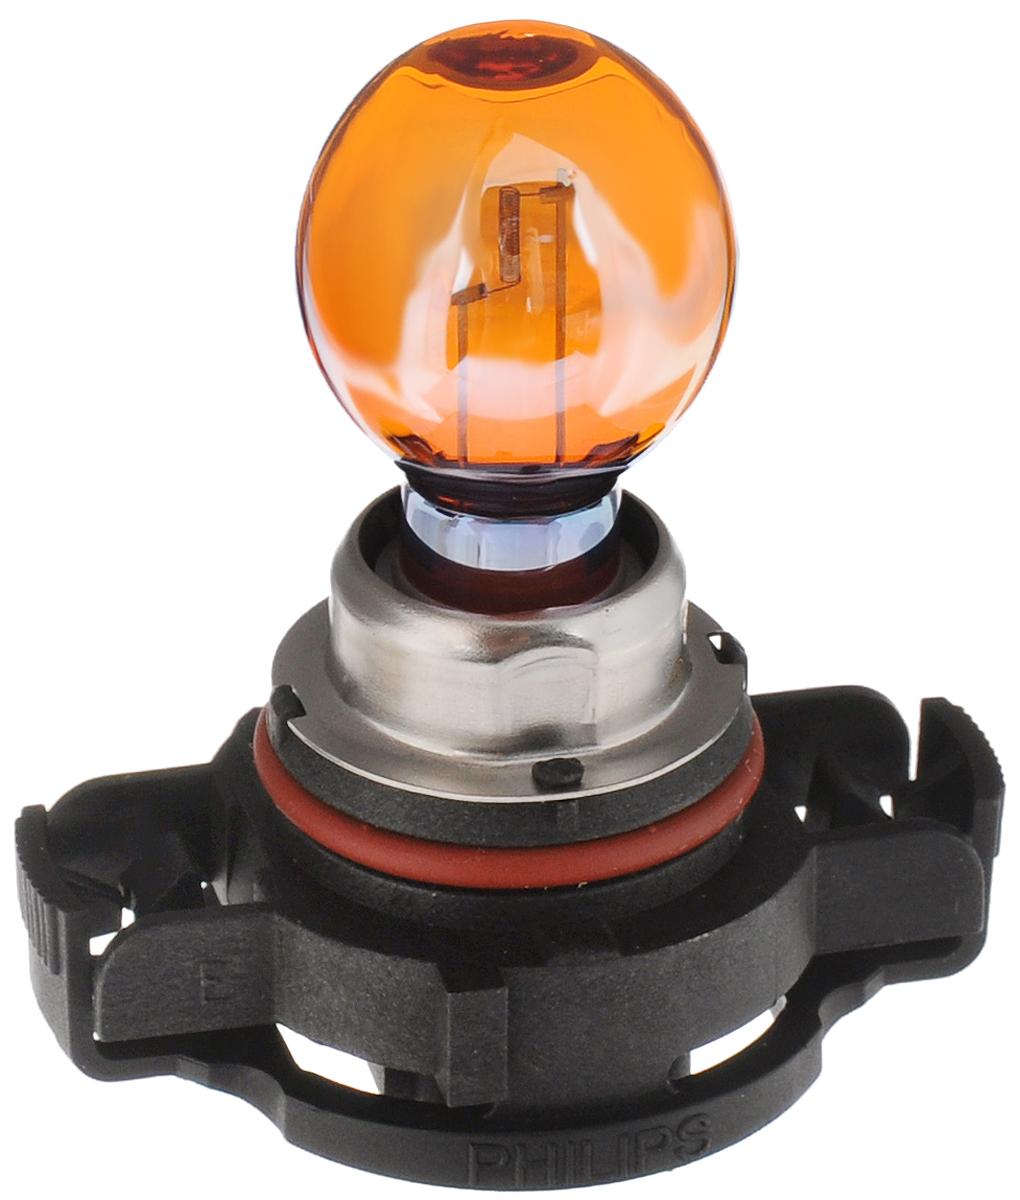 Сигнальная автомобильная лампа Philips HiPerVision Silver Vision PSY24W 12V-24W (PG20/4) серебристый дизайн 12180SV+C12706 (ПО)Автомобильные лампы Philips - ваш надежный путеводитель на дорогах. Грамотно продуманный ассортимент и ценовая политика Philips позволяют автомобилисту подобрать автомобильную лампу согласно своих пожеланий. Классическое решение от Philips различного назначения для всех видов автомобилей.Напряжение: 12 вольт